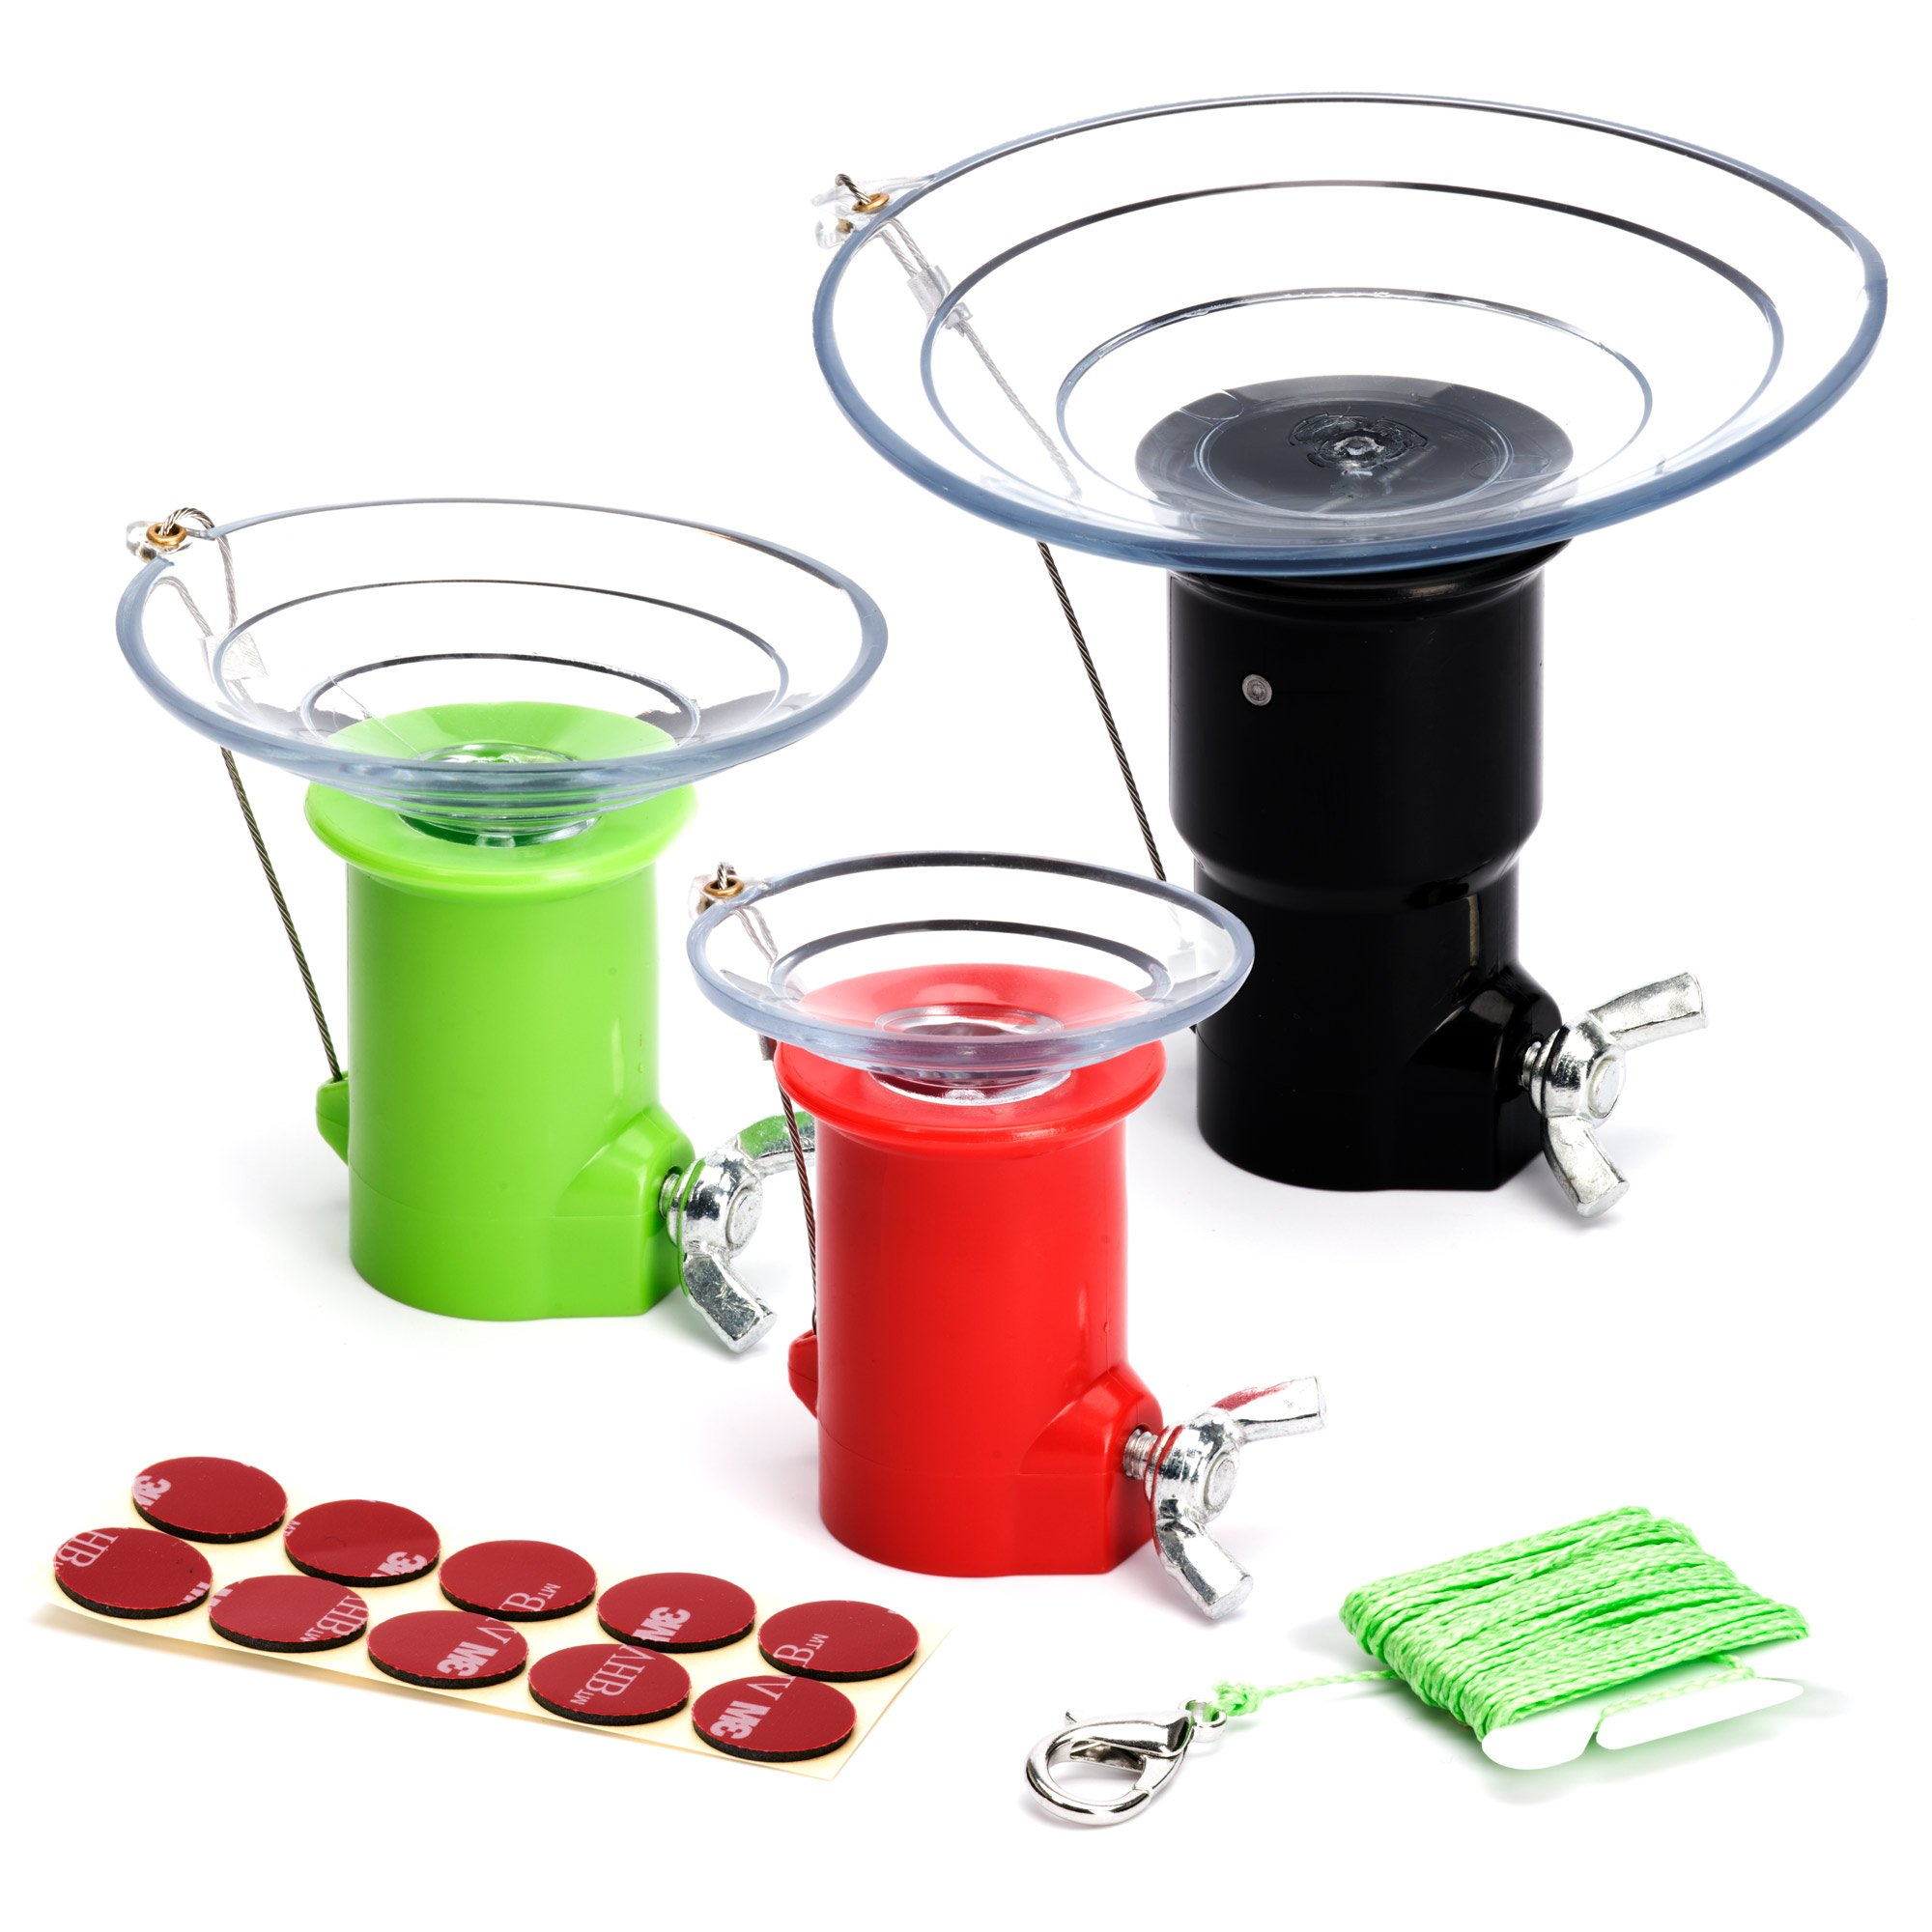 STAUBER Best Light Bulb Changer Kit